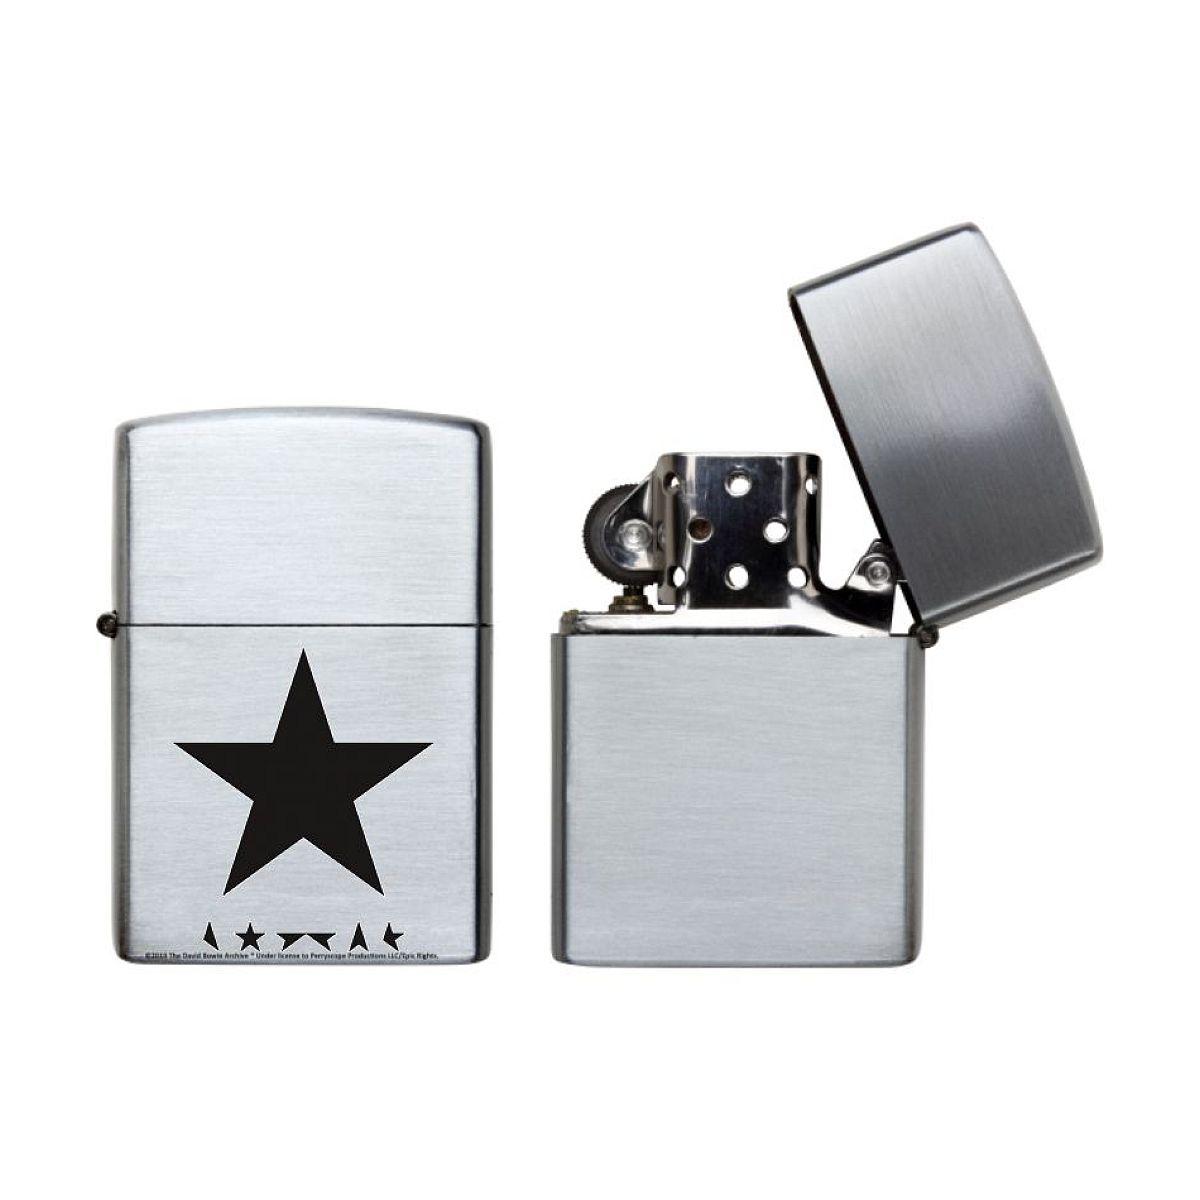 Blackstar Lighter